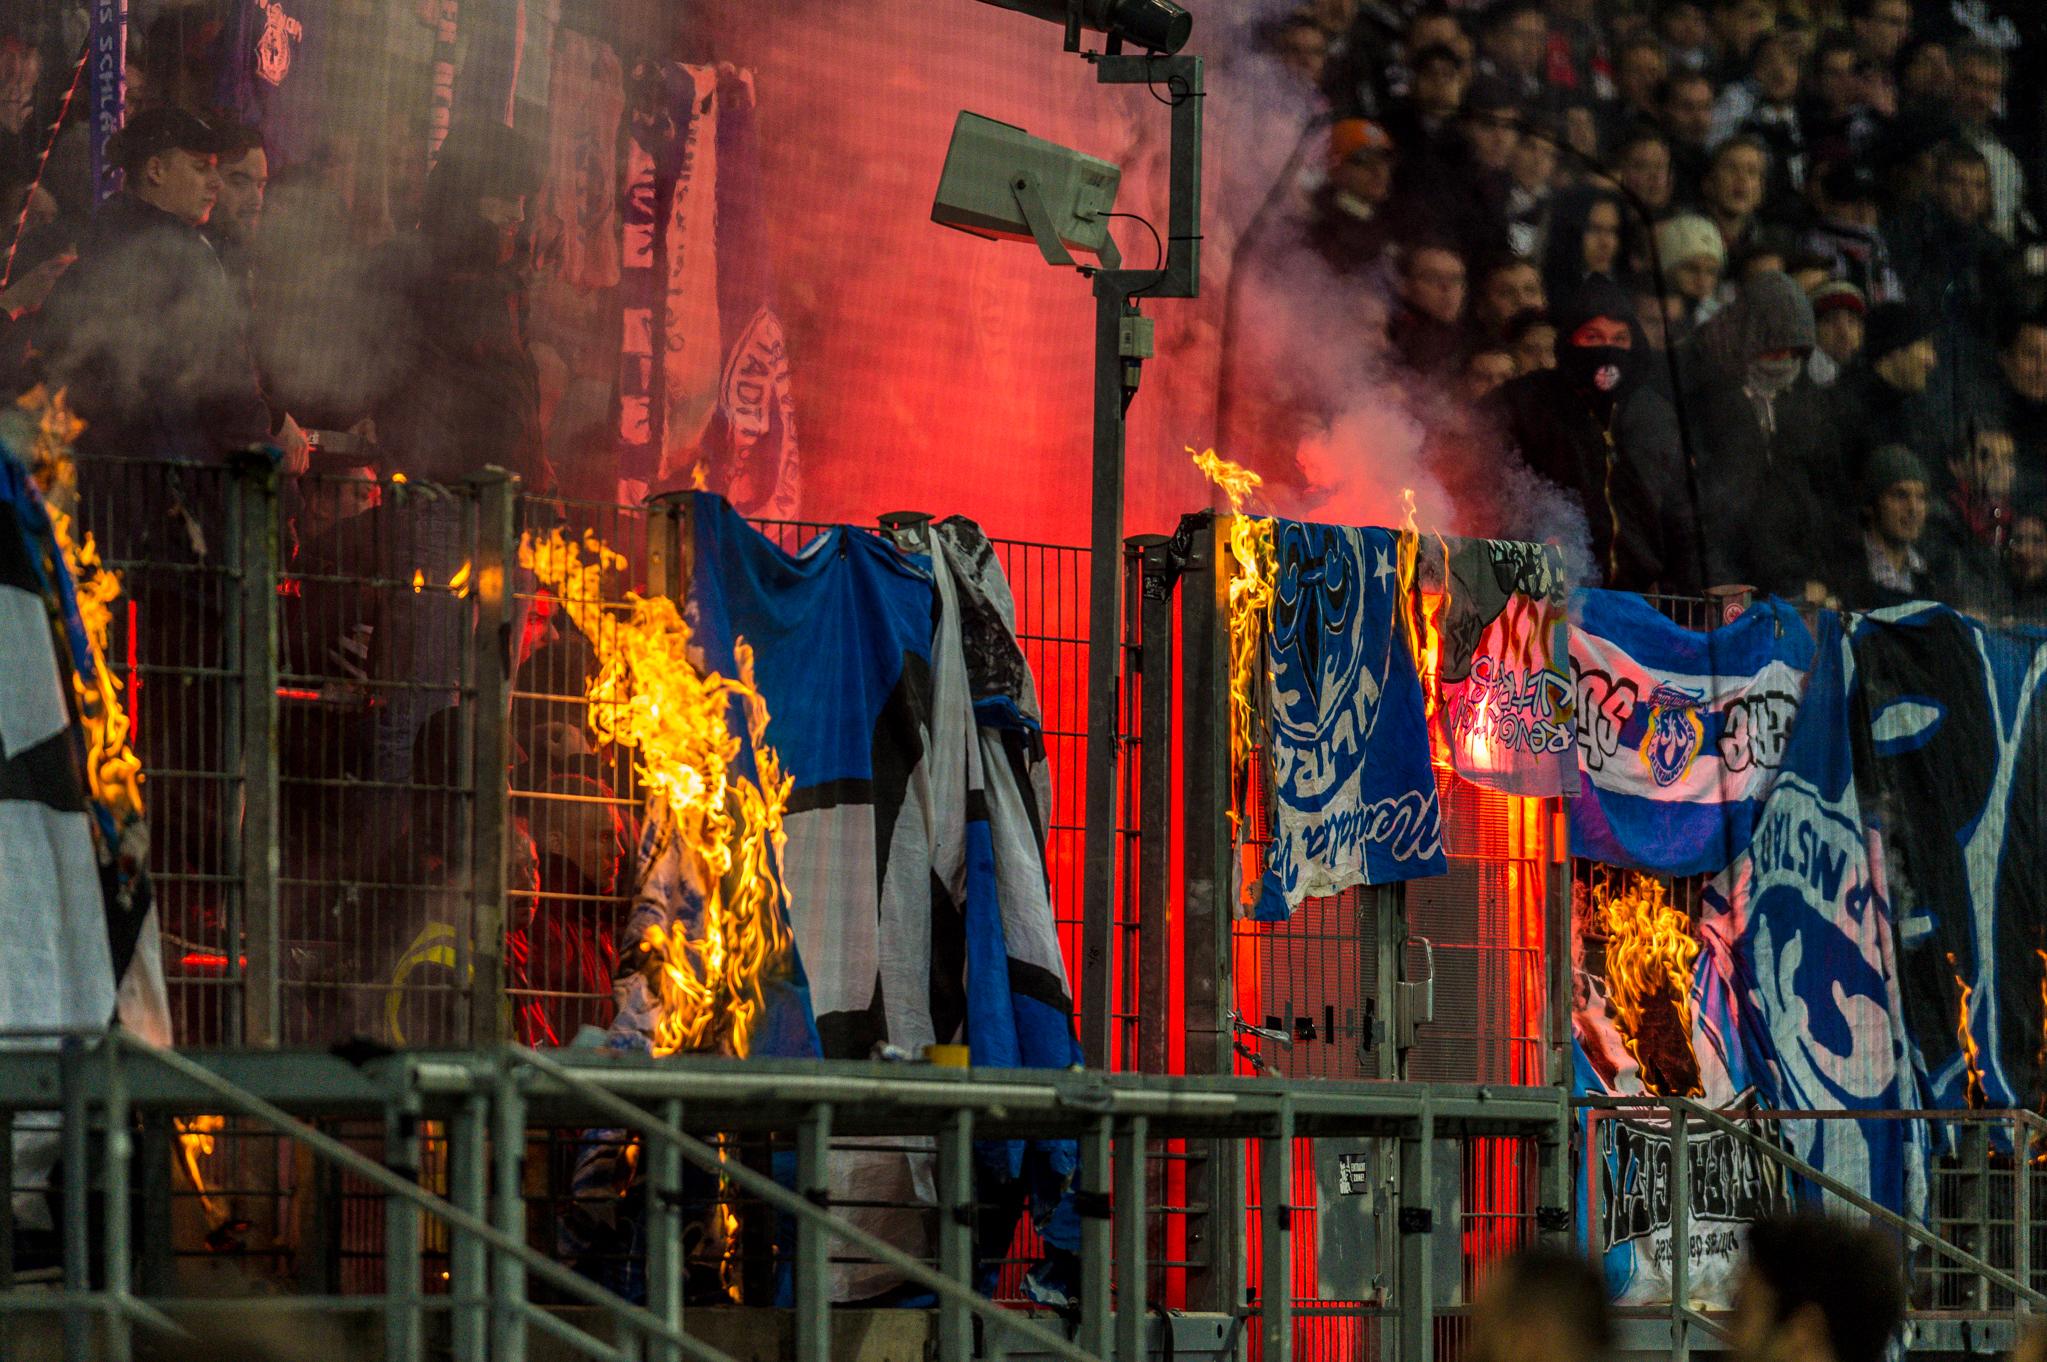 Commerzbank burning